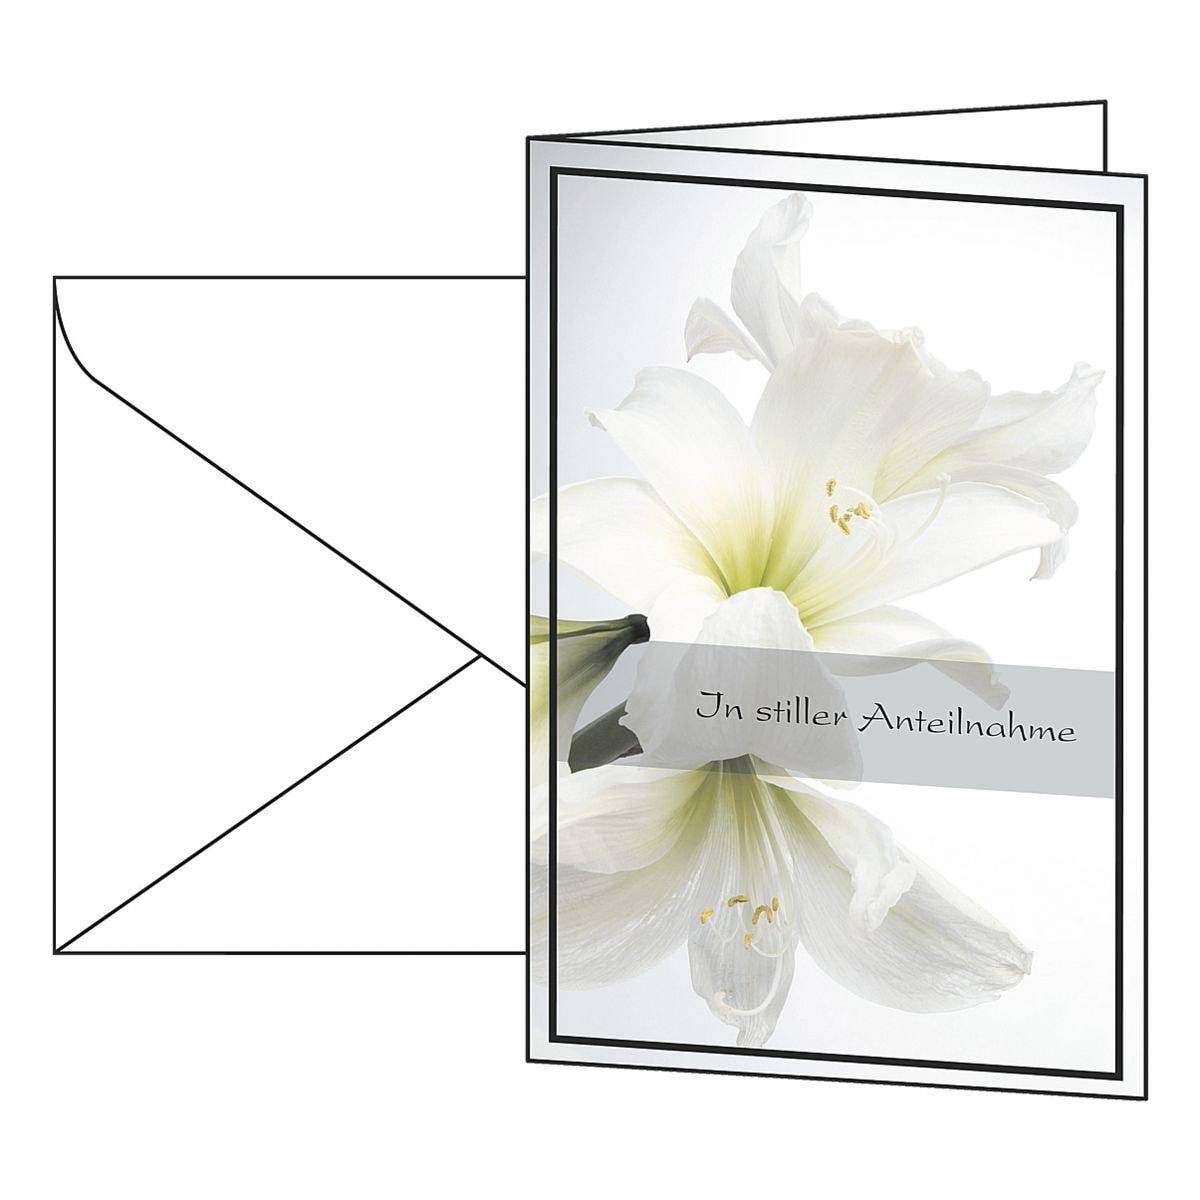 Trauerkarte SIGEL Weiße Amaryllis, A6, mit Umschlag, 10 Stück